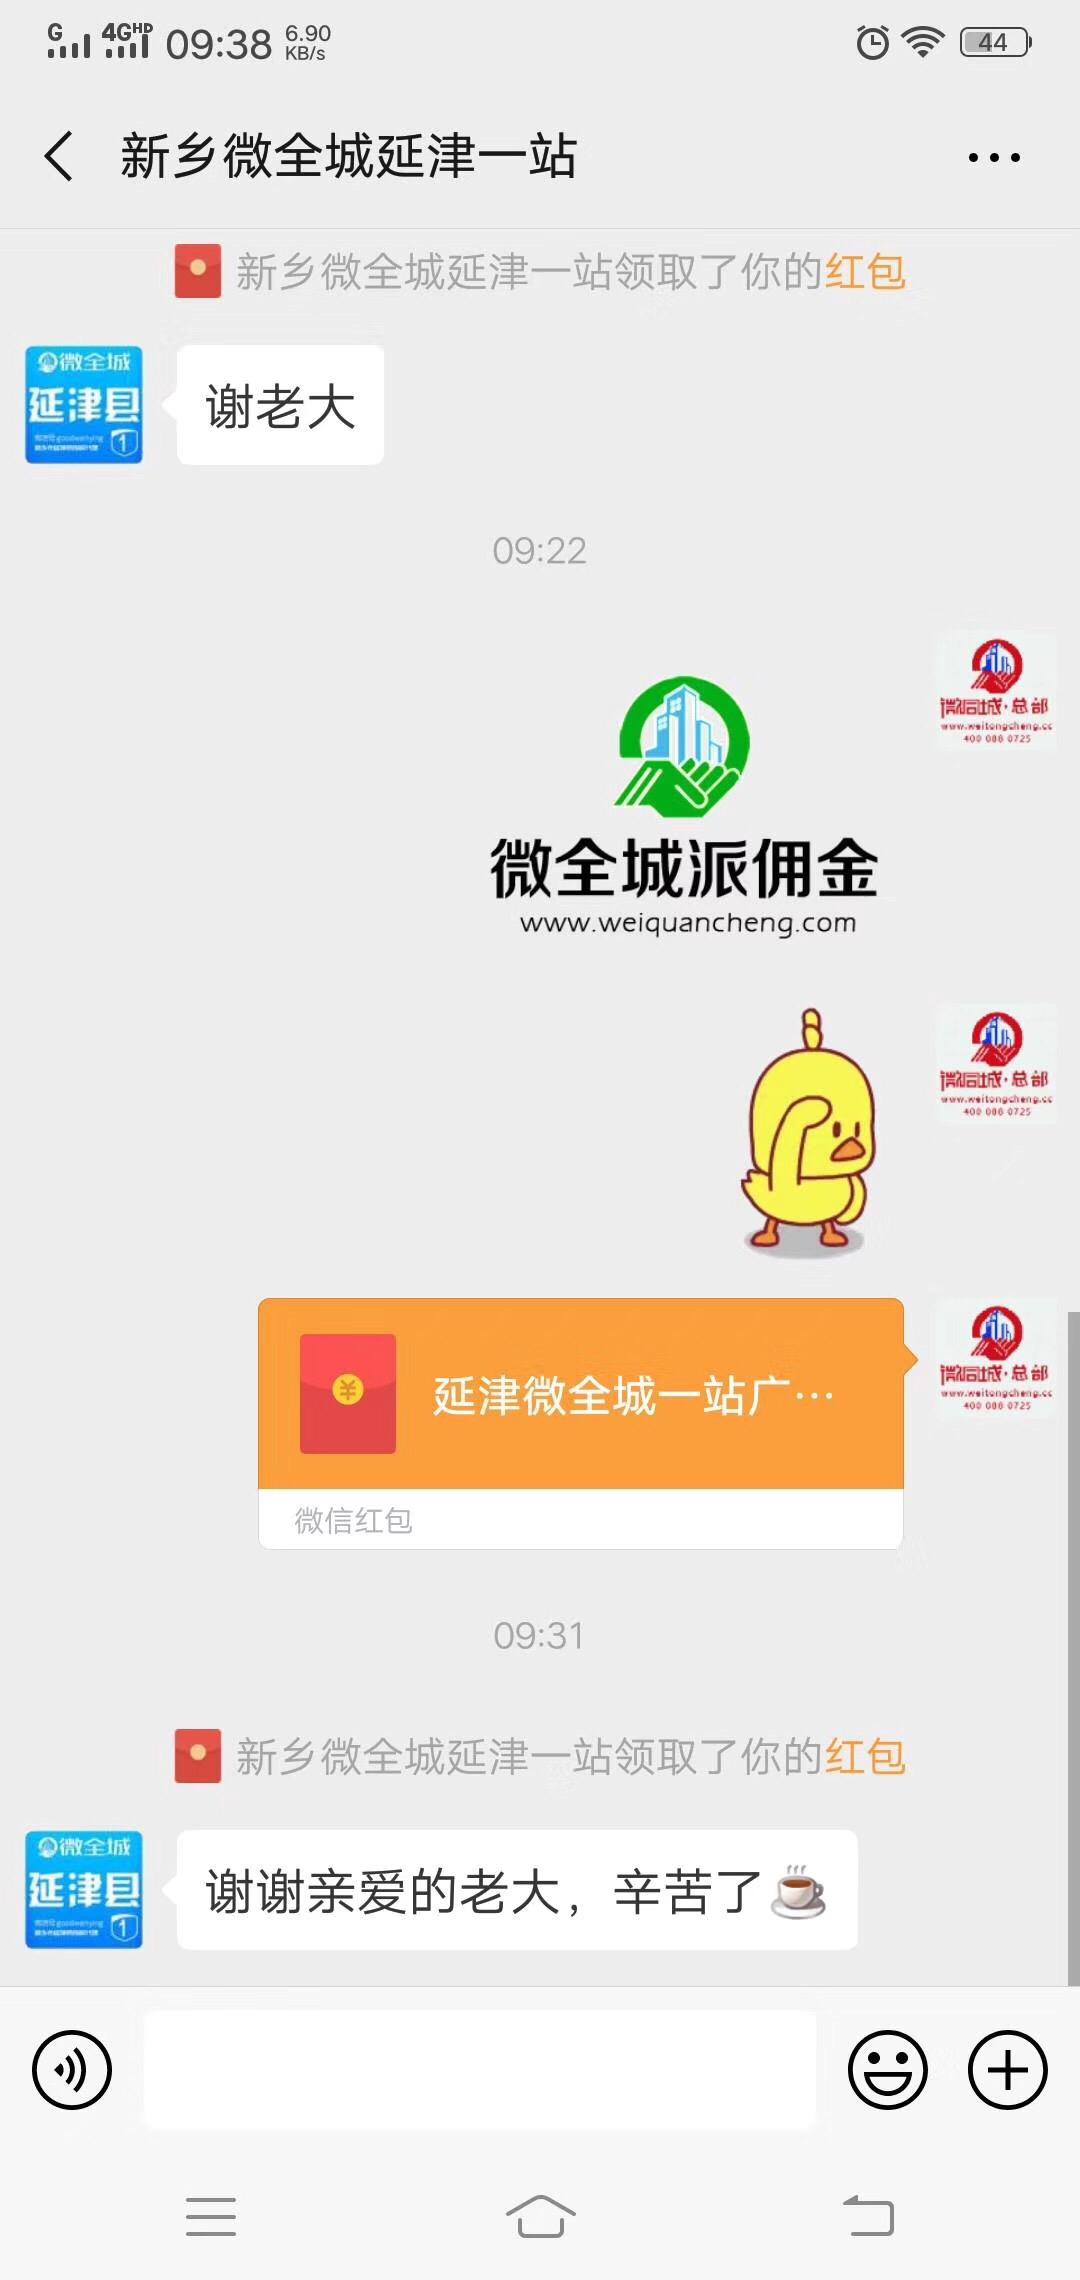 延津微全城微帮一站广告佣金